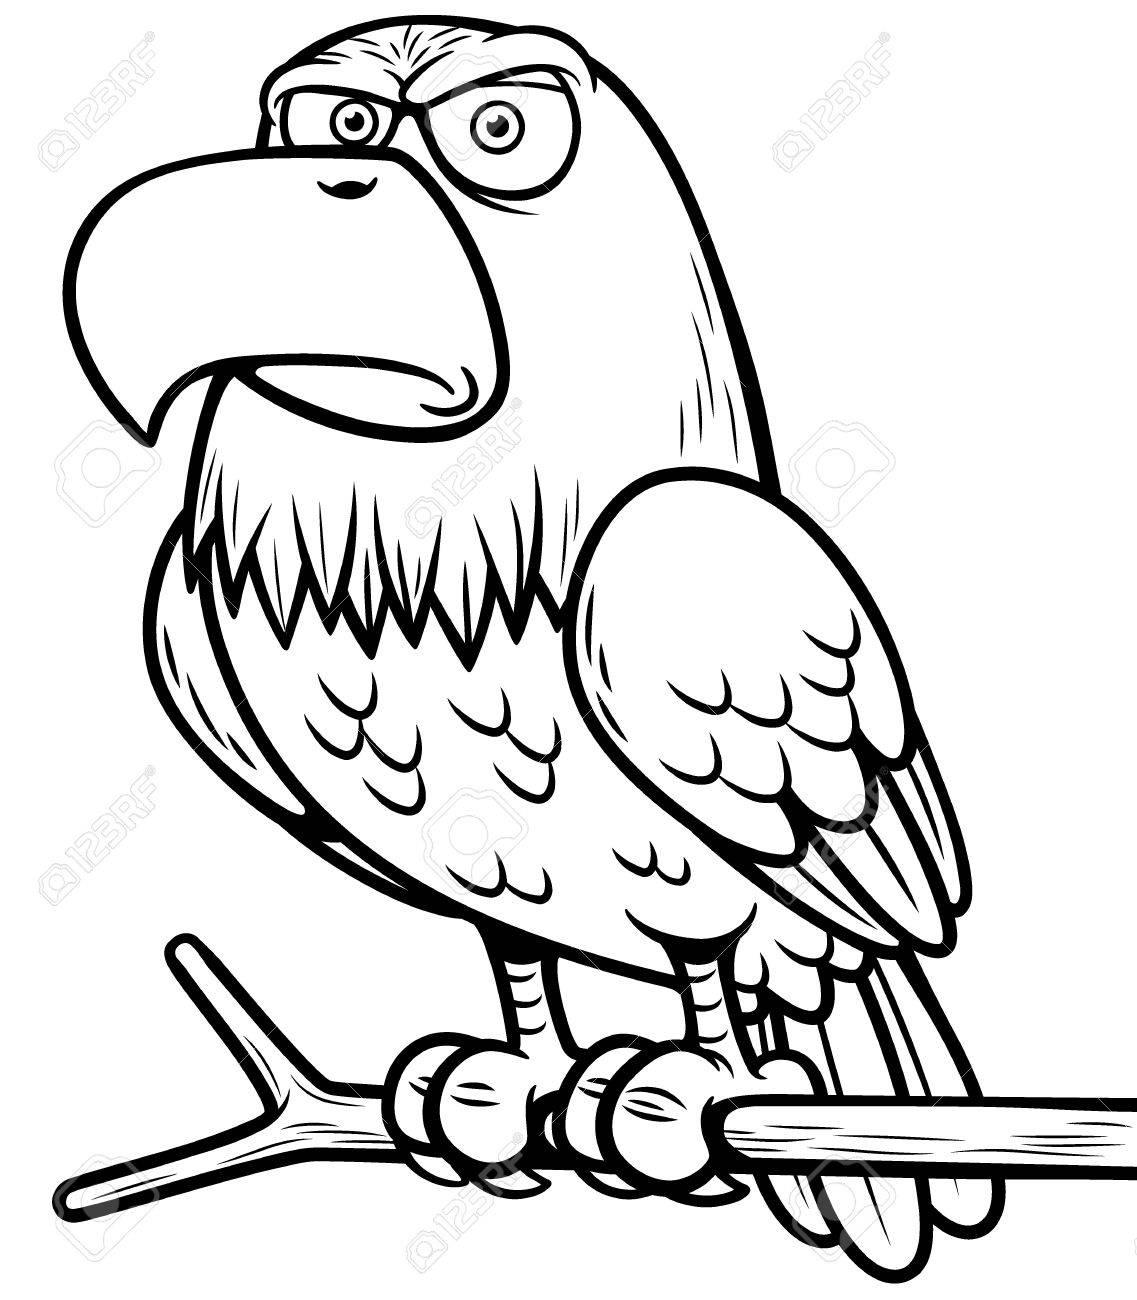 Ilustración Del águila De Dibujos Animados Libro Para Colorear